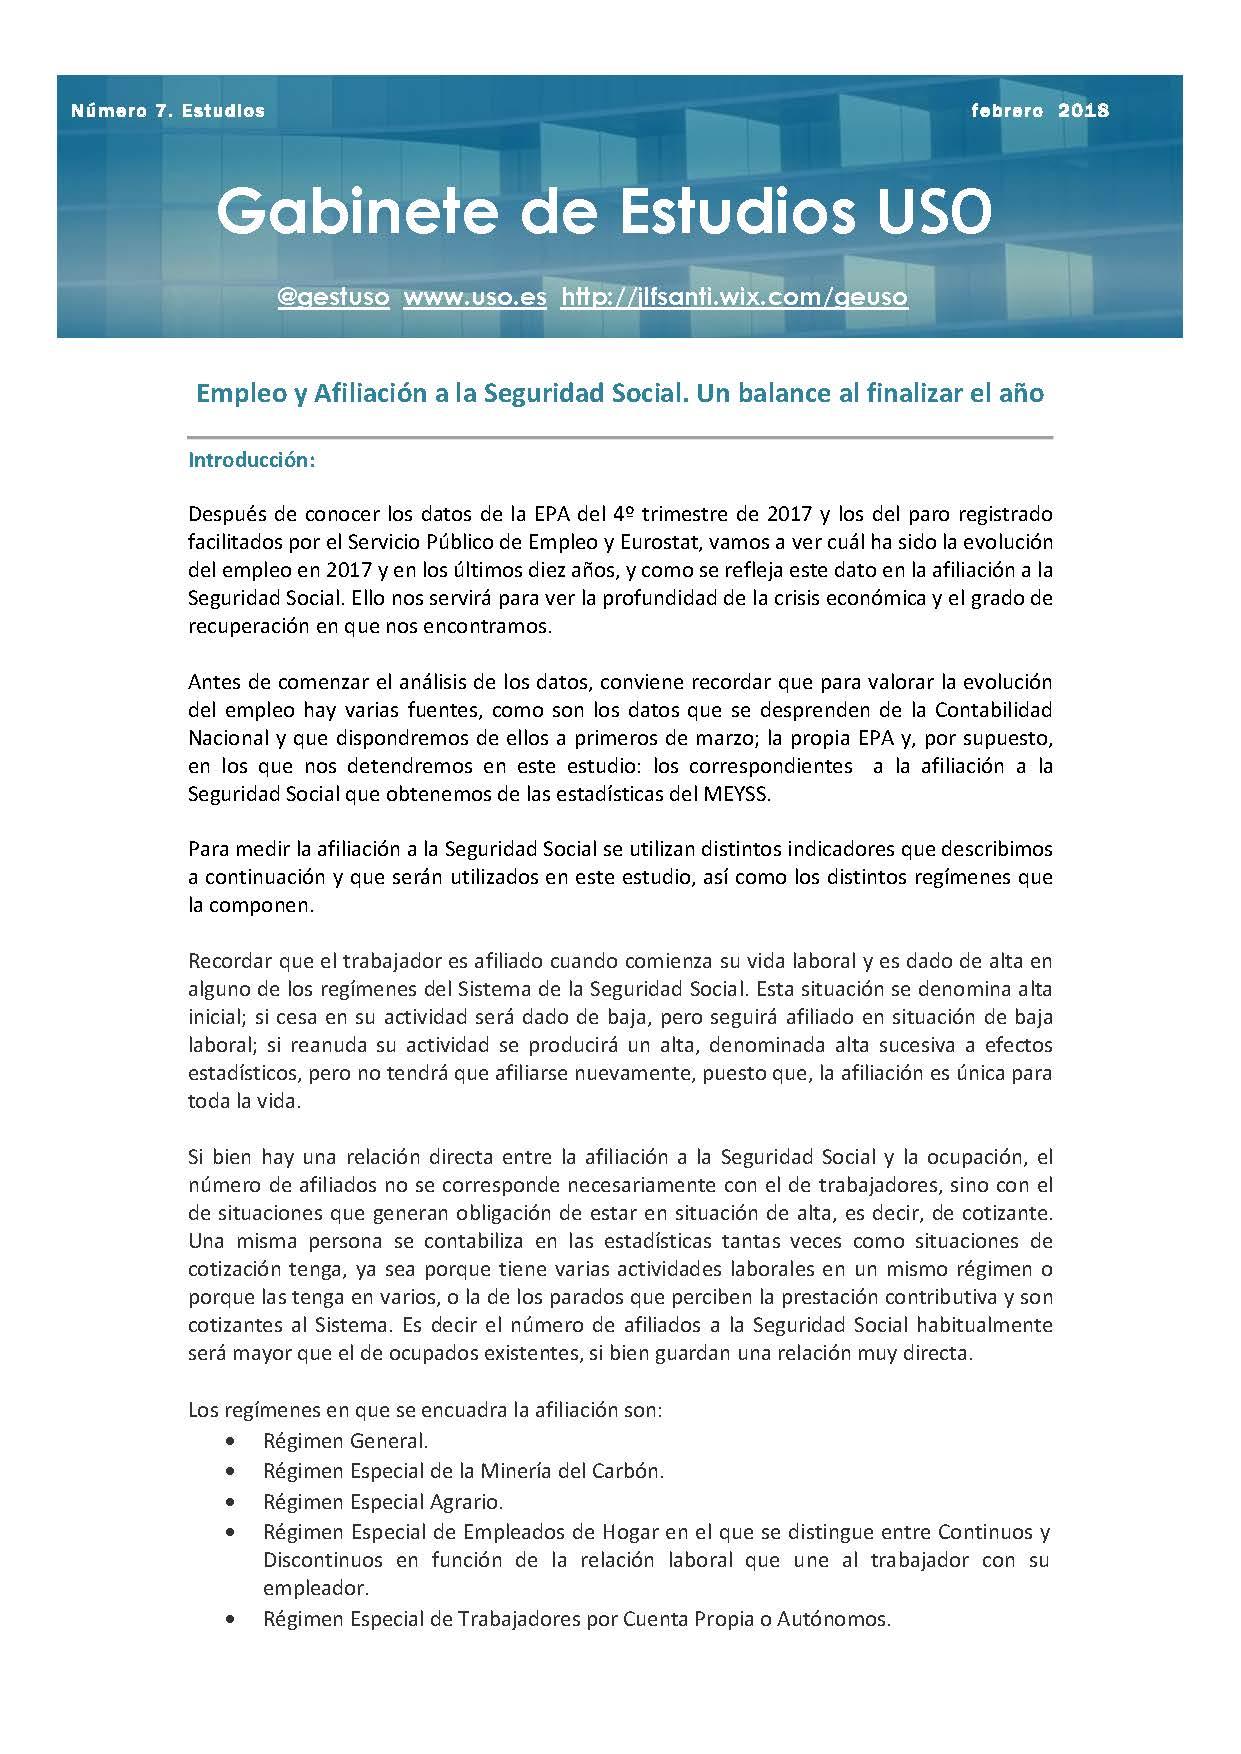 Estudio USO – Radiografía socioeconómica y laboral de Galicia | USO